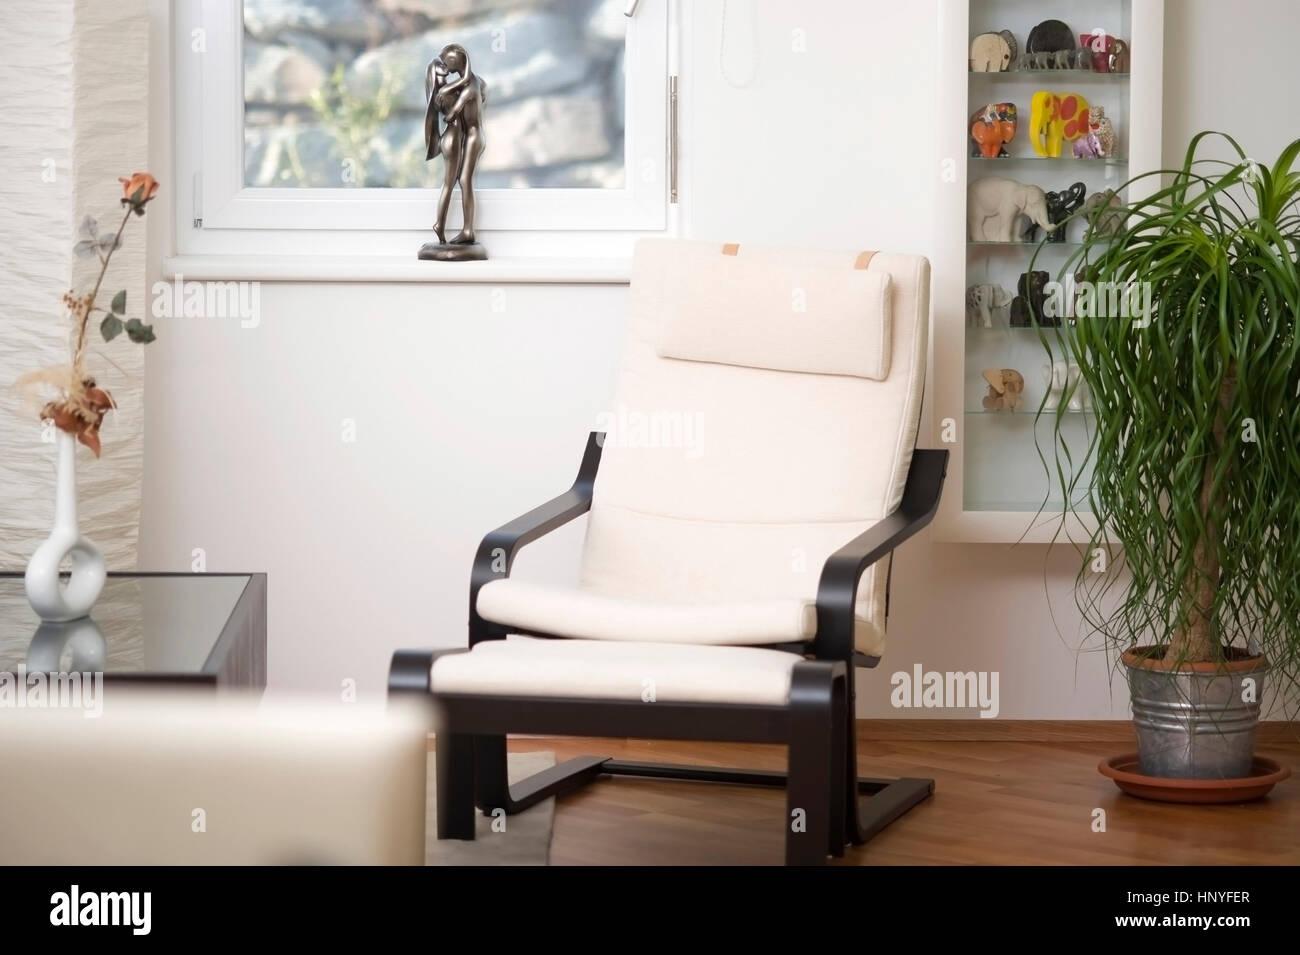 Coole Dekoration Modernes Wohnzimmer Australien   Design